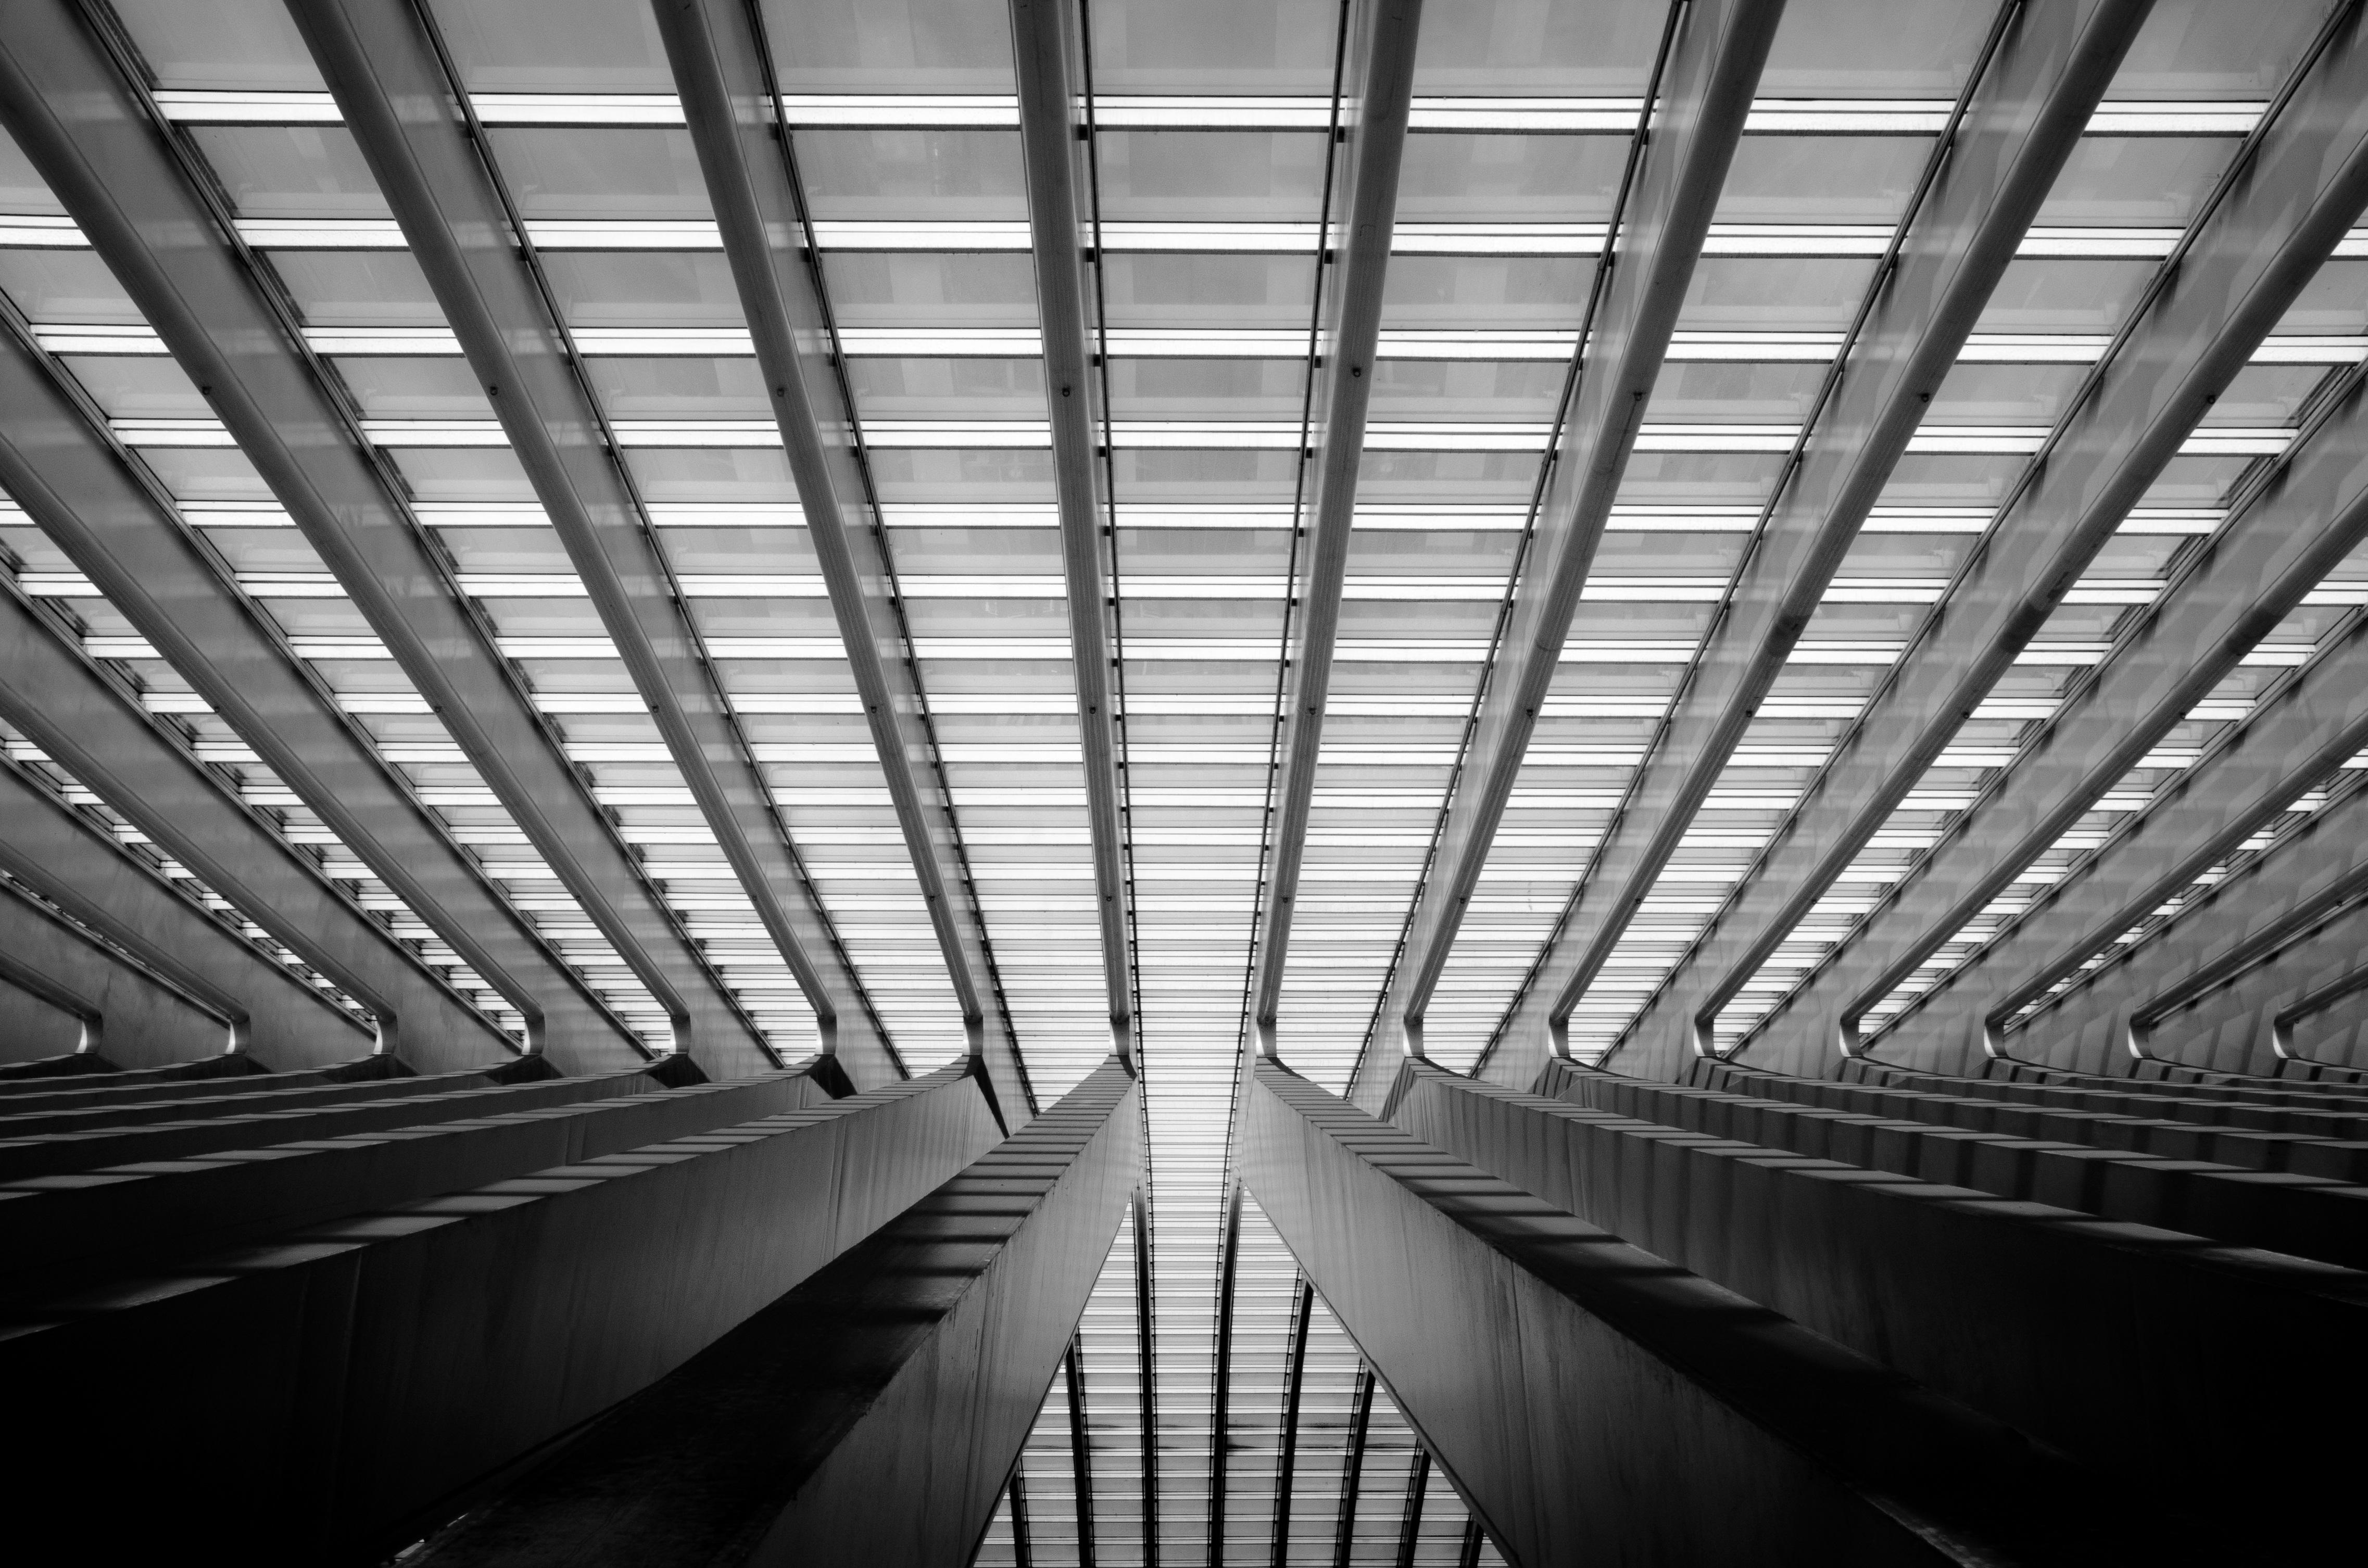 fotos gratis ligero en blanco y negro vaso edificio rascacielos tren transporte lnea oscuridad monocromo blanco negro blgica